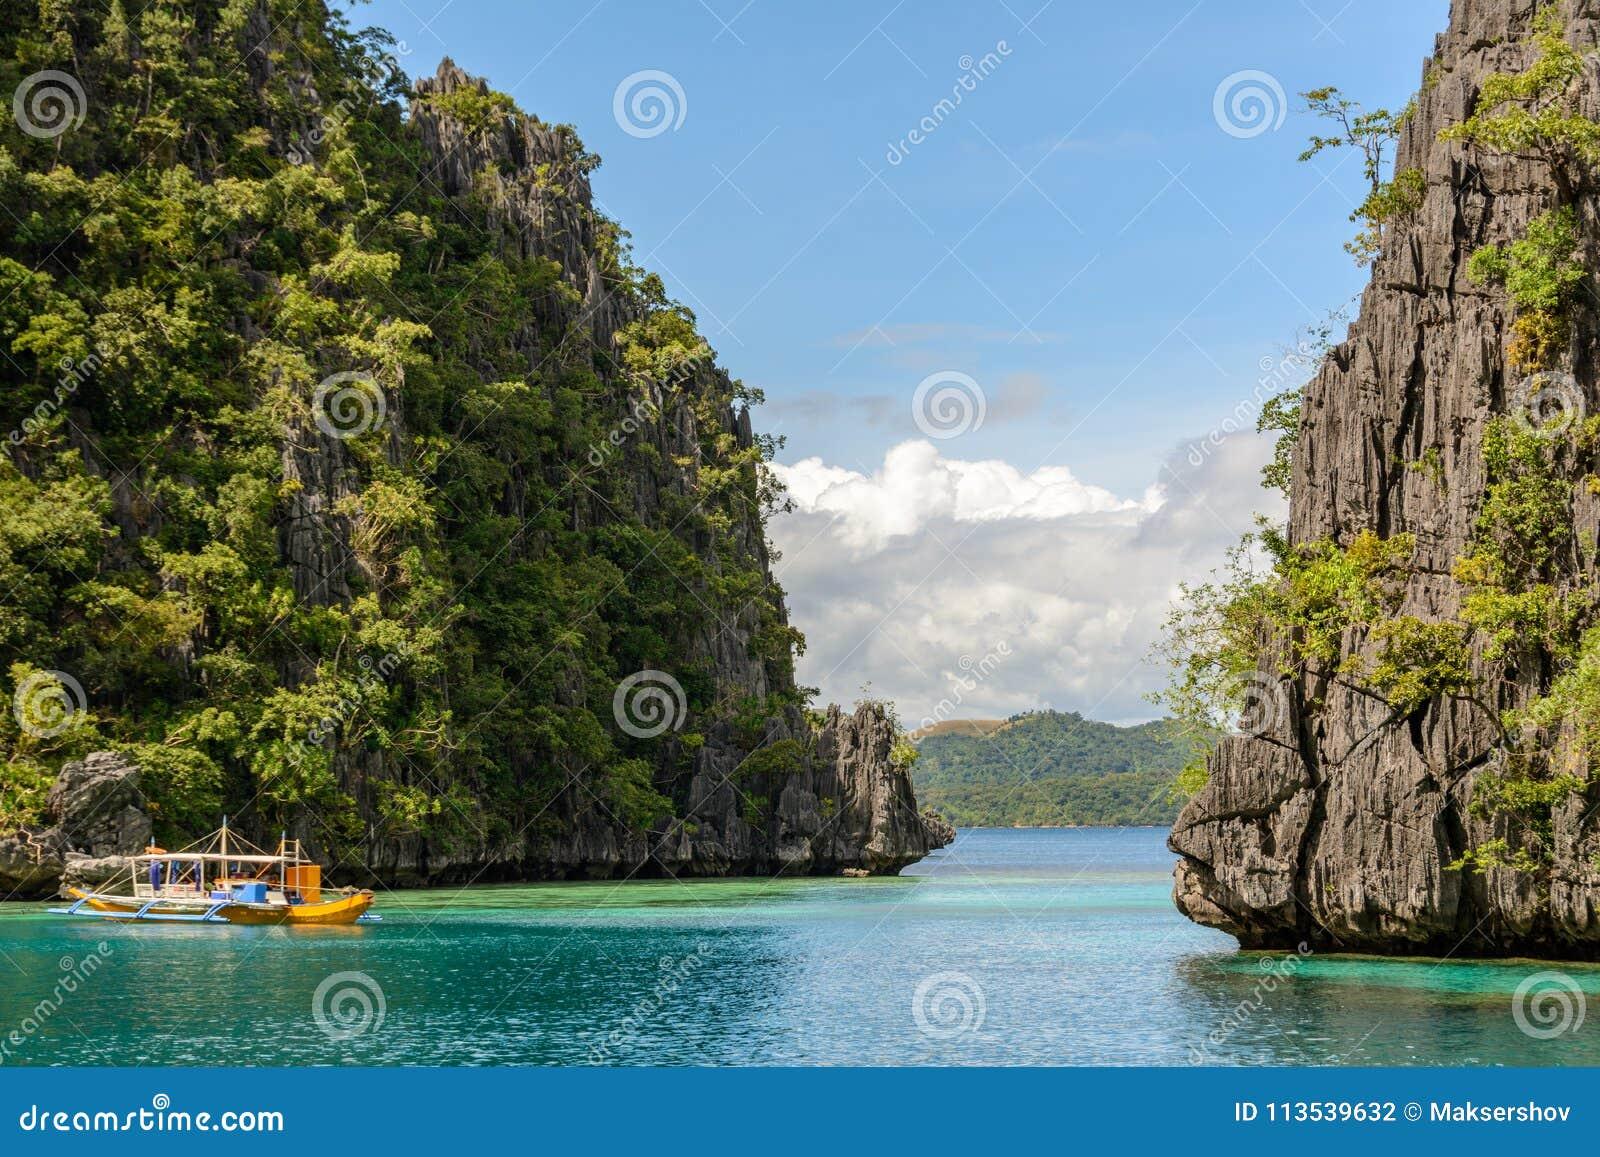 Lagoon On Coron Island Palawan Philippines Stock Photo